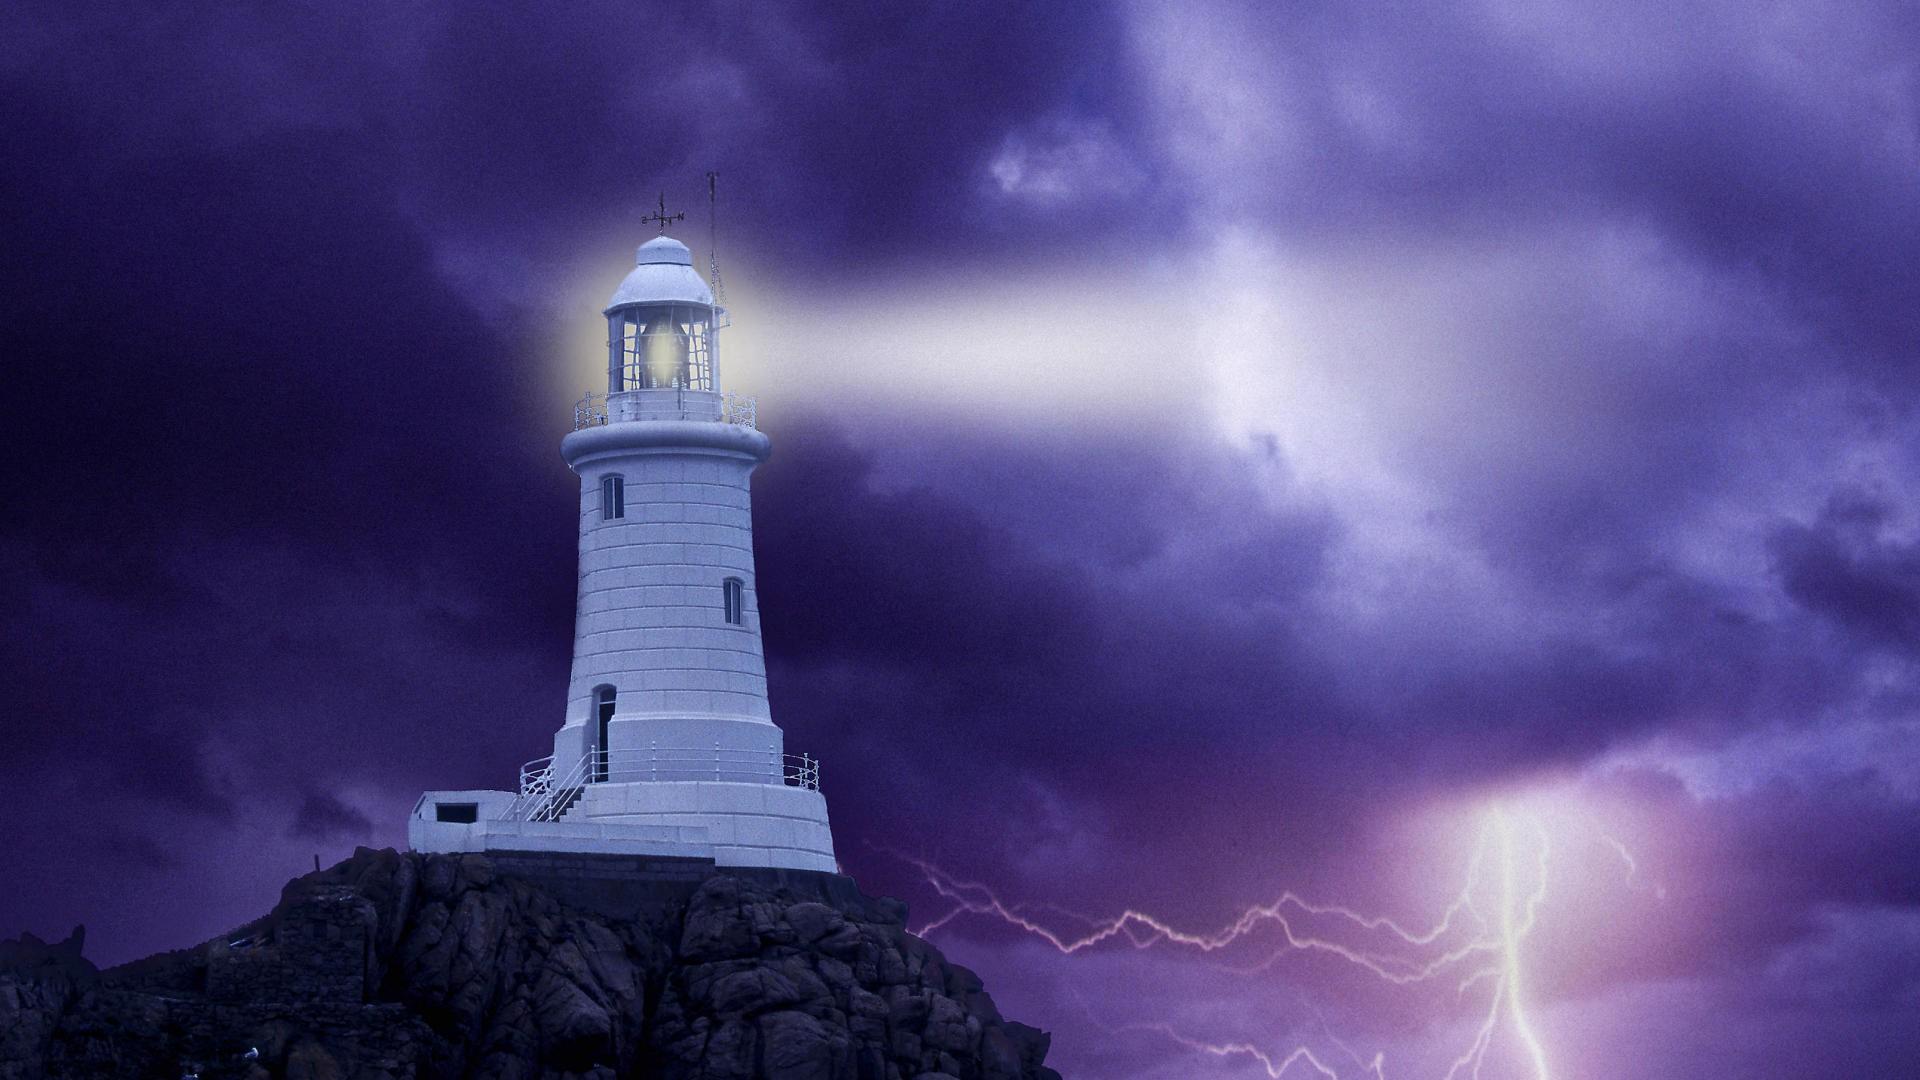 lighthouse wallpaper desktop - photo #43